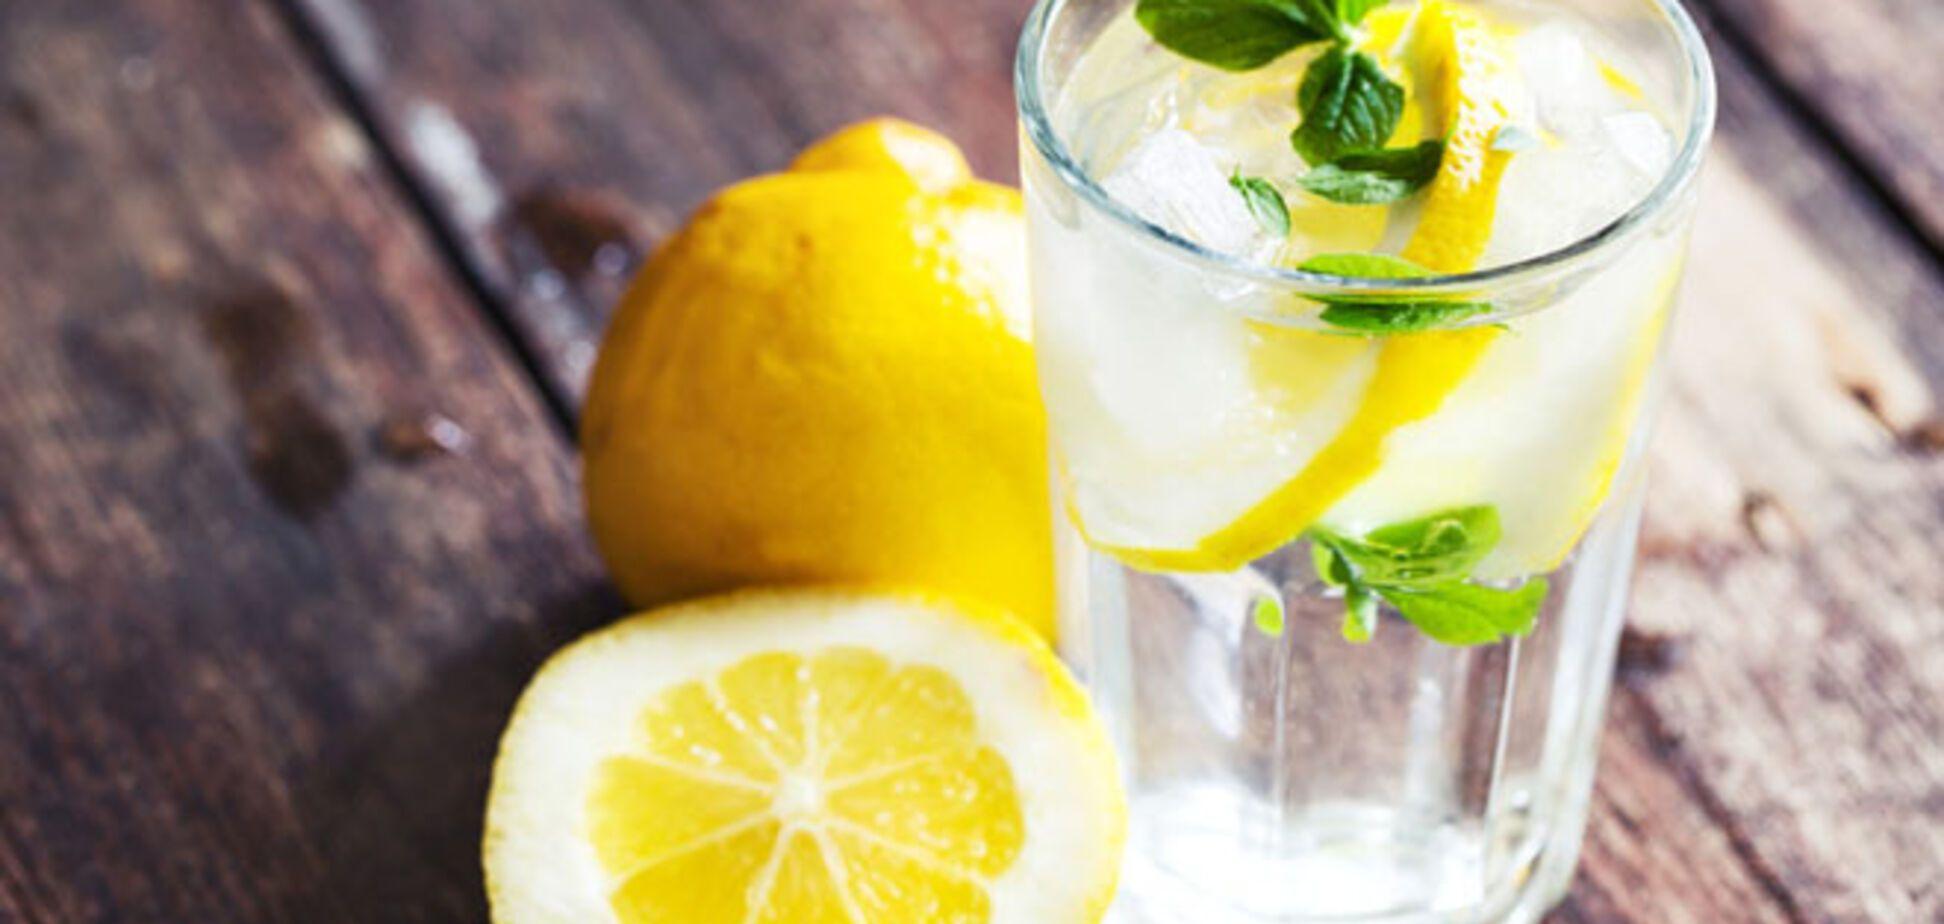 Ранок потрібно починати зі склянки води з лимоном: у чому секрет